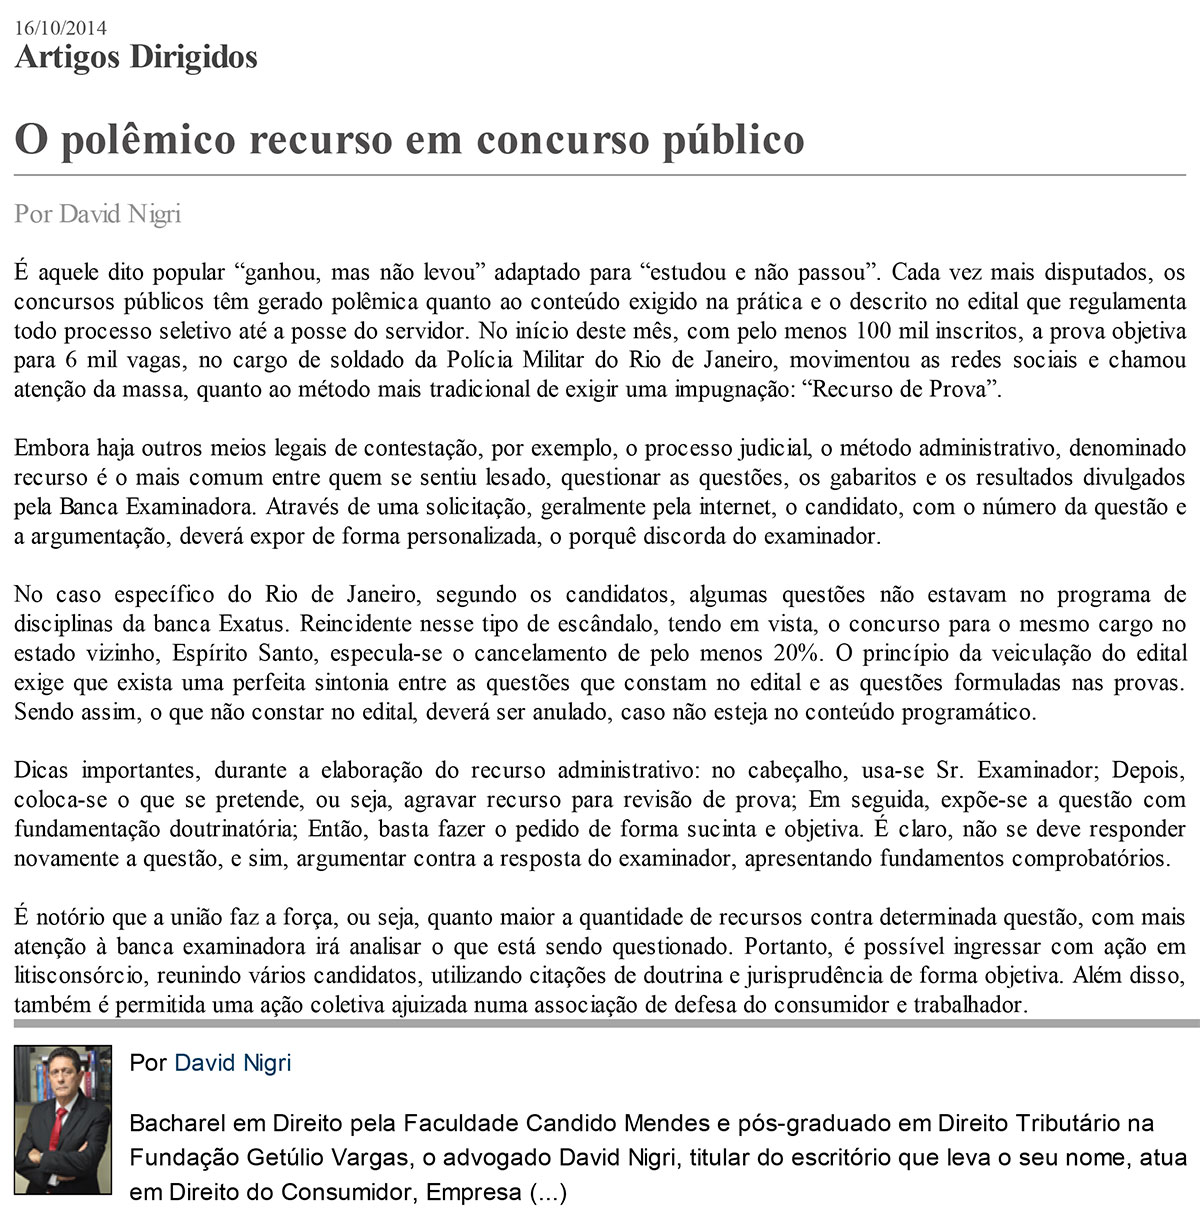 folha-dirigida-david-nigri-o-polemico-recurso-em-concurso-publico